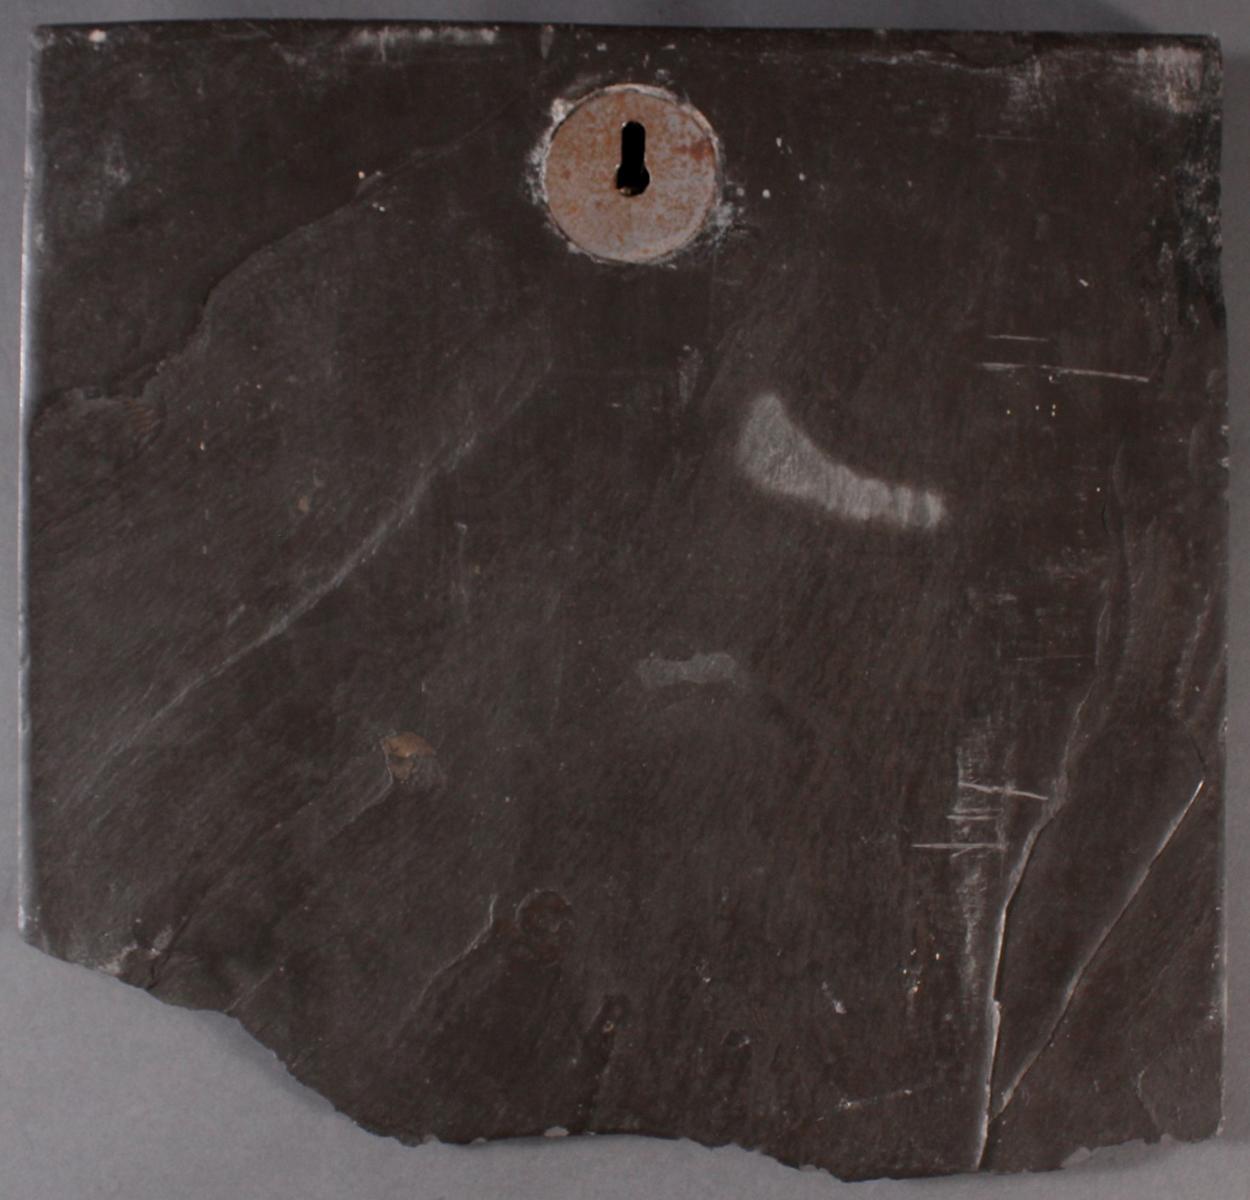 Große Schieferplatte mit Fossil 'Ammoniten'-3